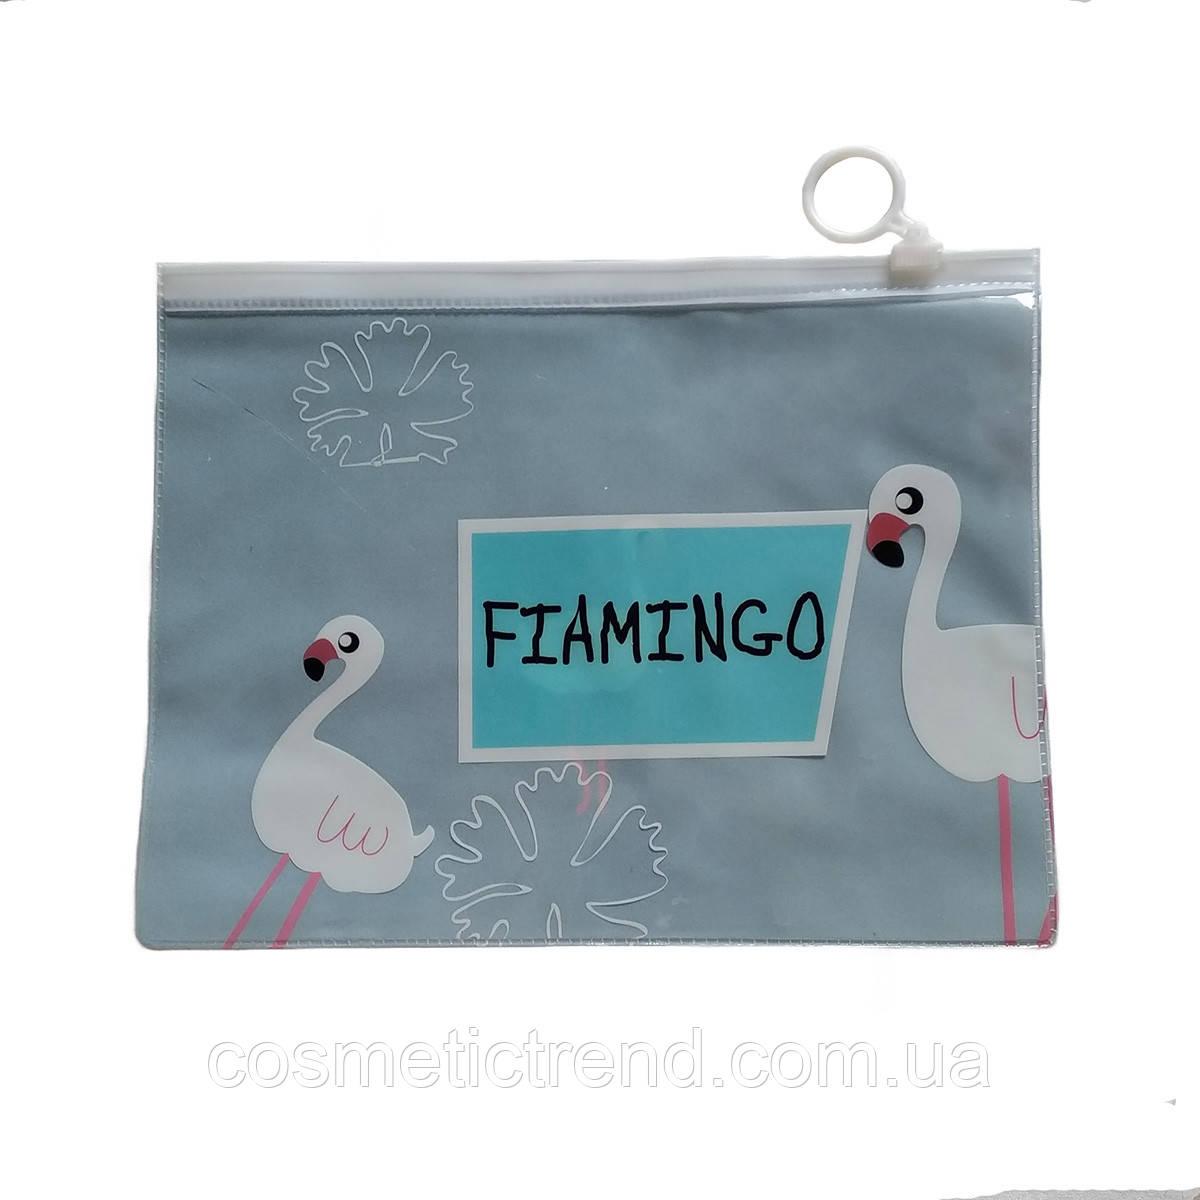 Сумочка жіноча прозора силіконова c малюнком Flamingo 20,4*15,8 см (розмір М)